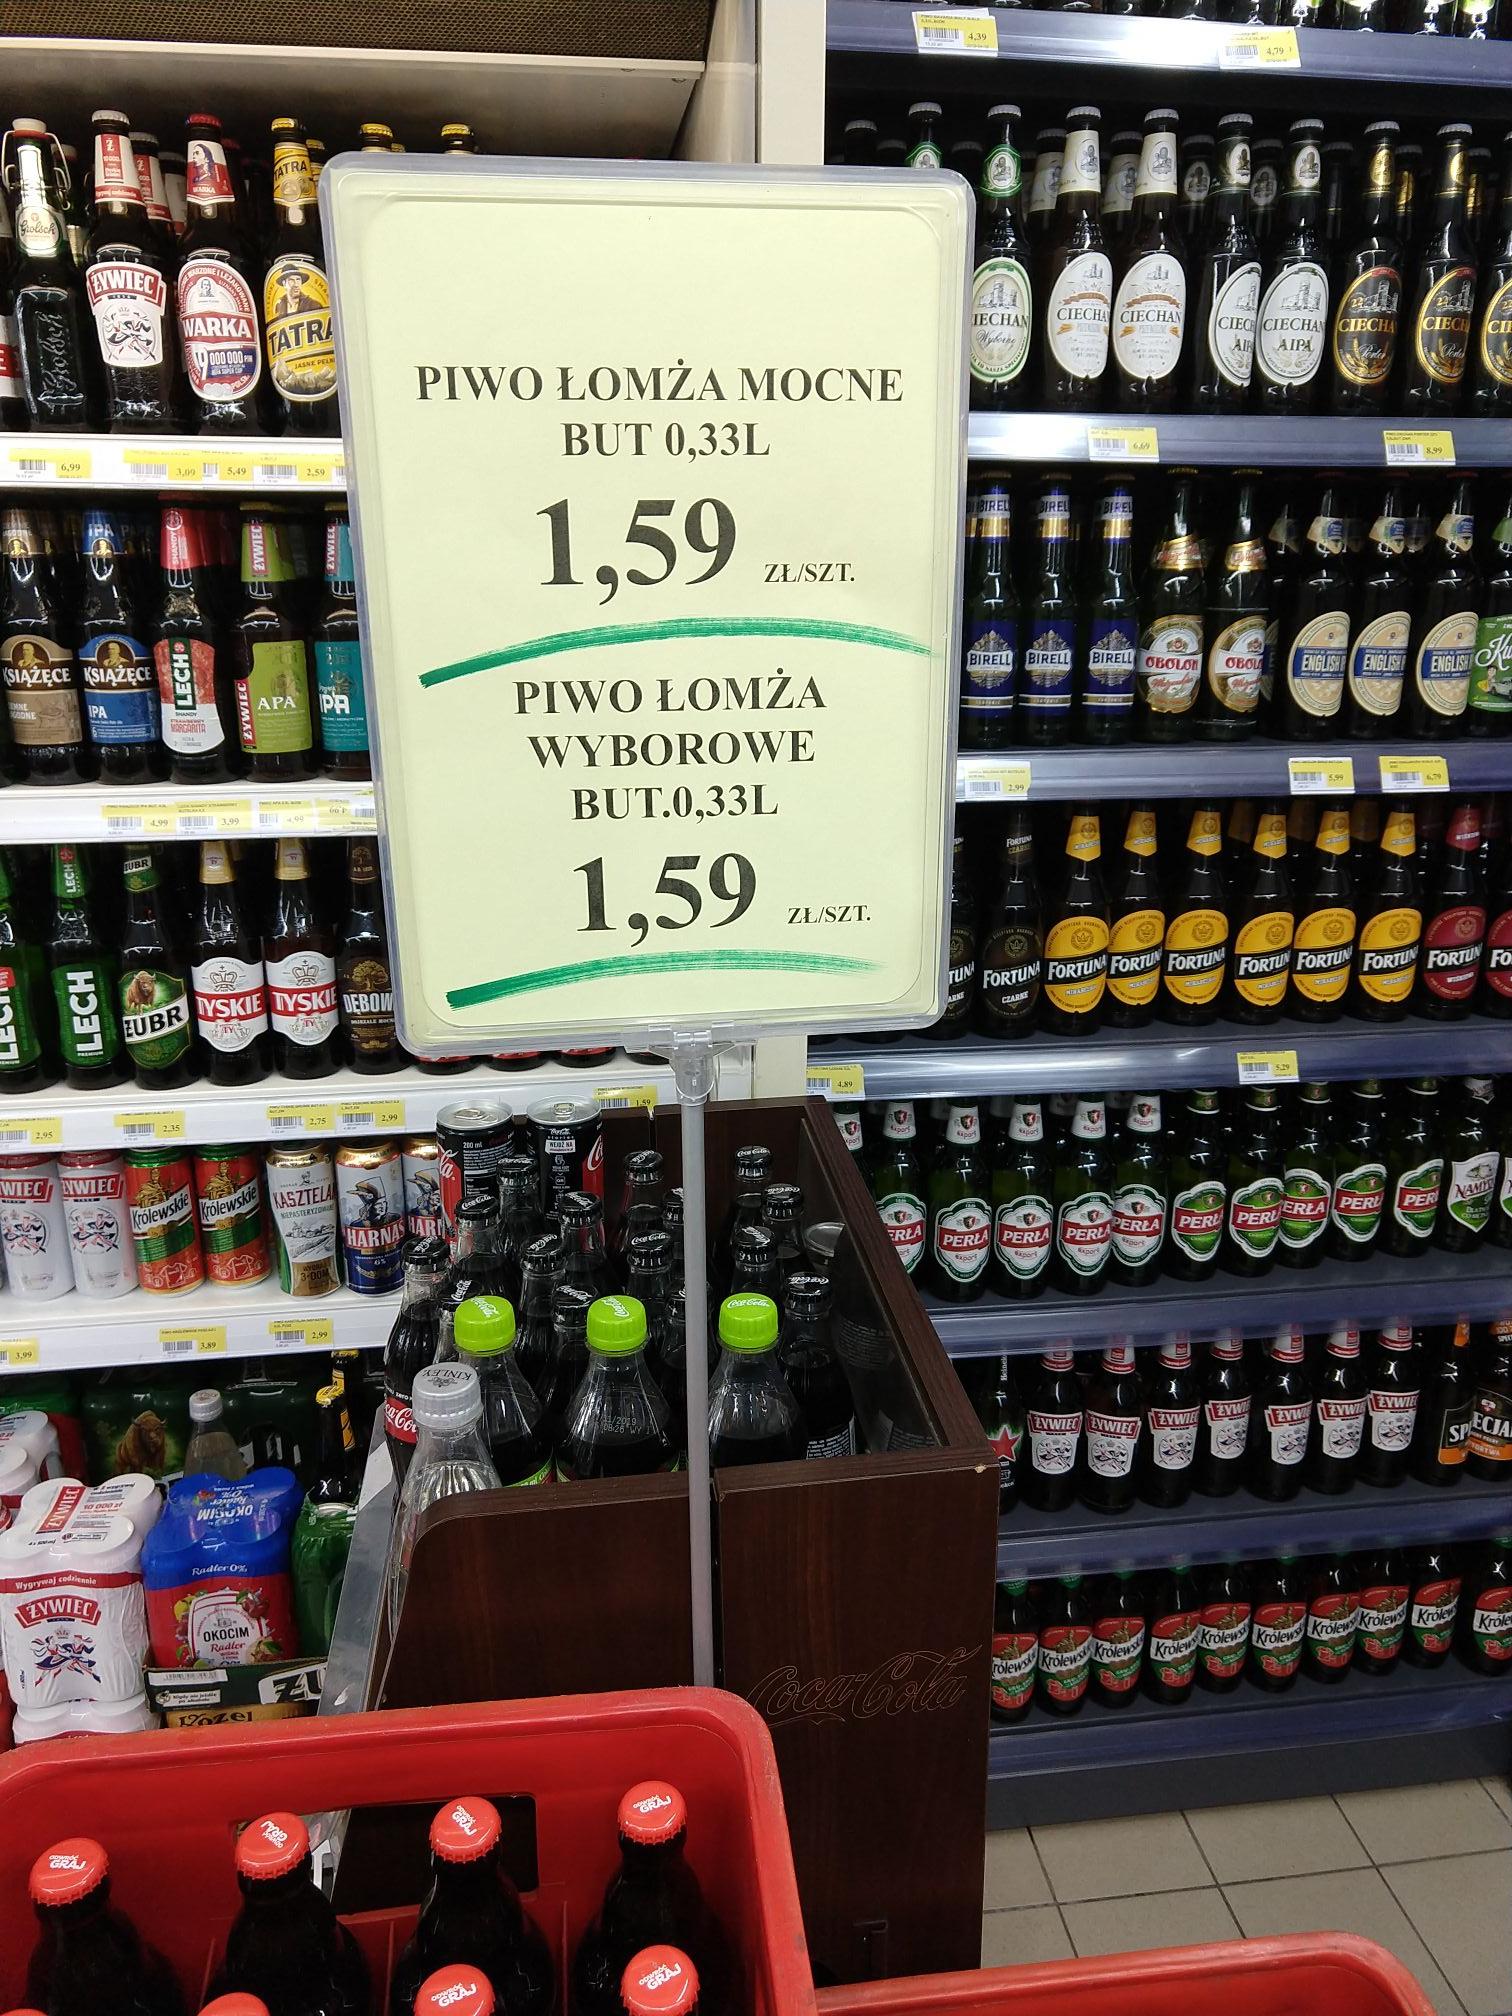 Piwo Łomża Wyborowe lub Łomża Mocne 0,33.